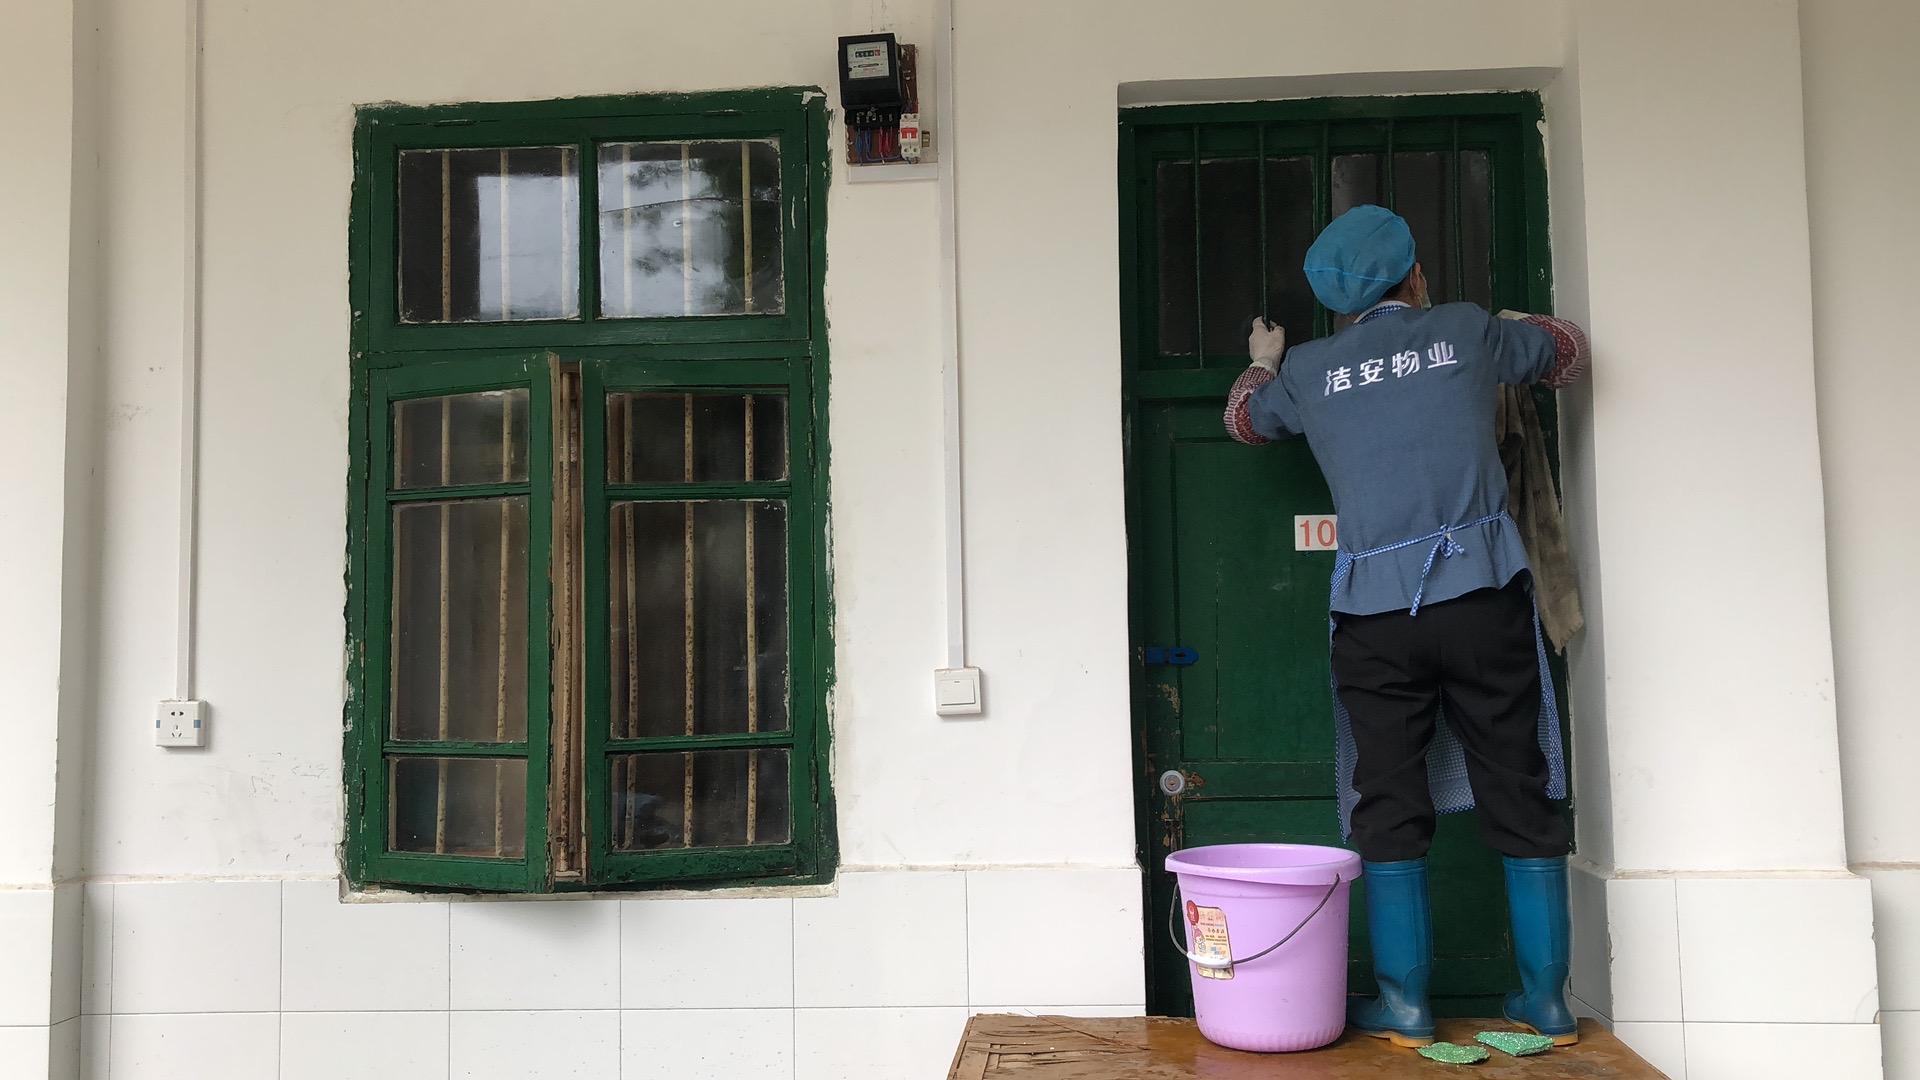 多措并举全力以「 复」 自治区南溪山医院为返院学生筑牢安全防线